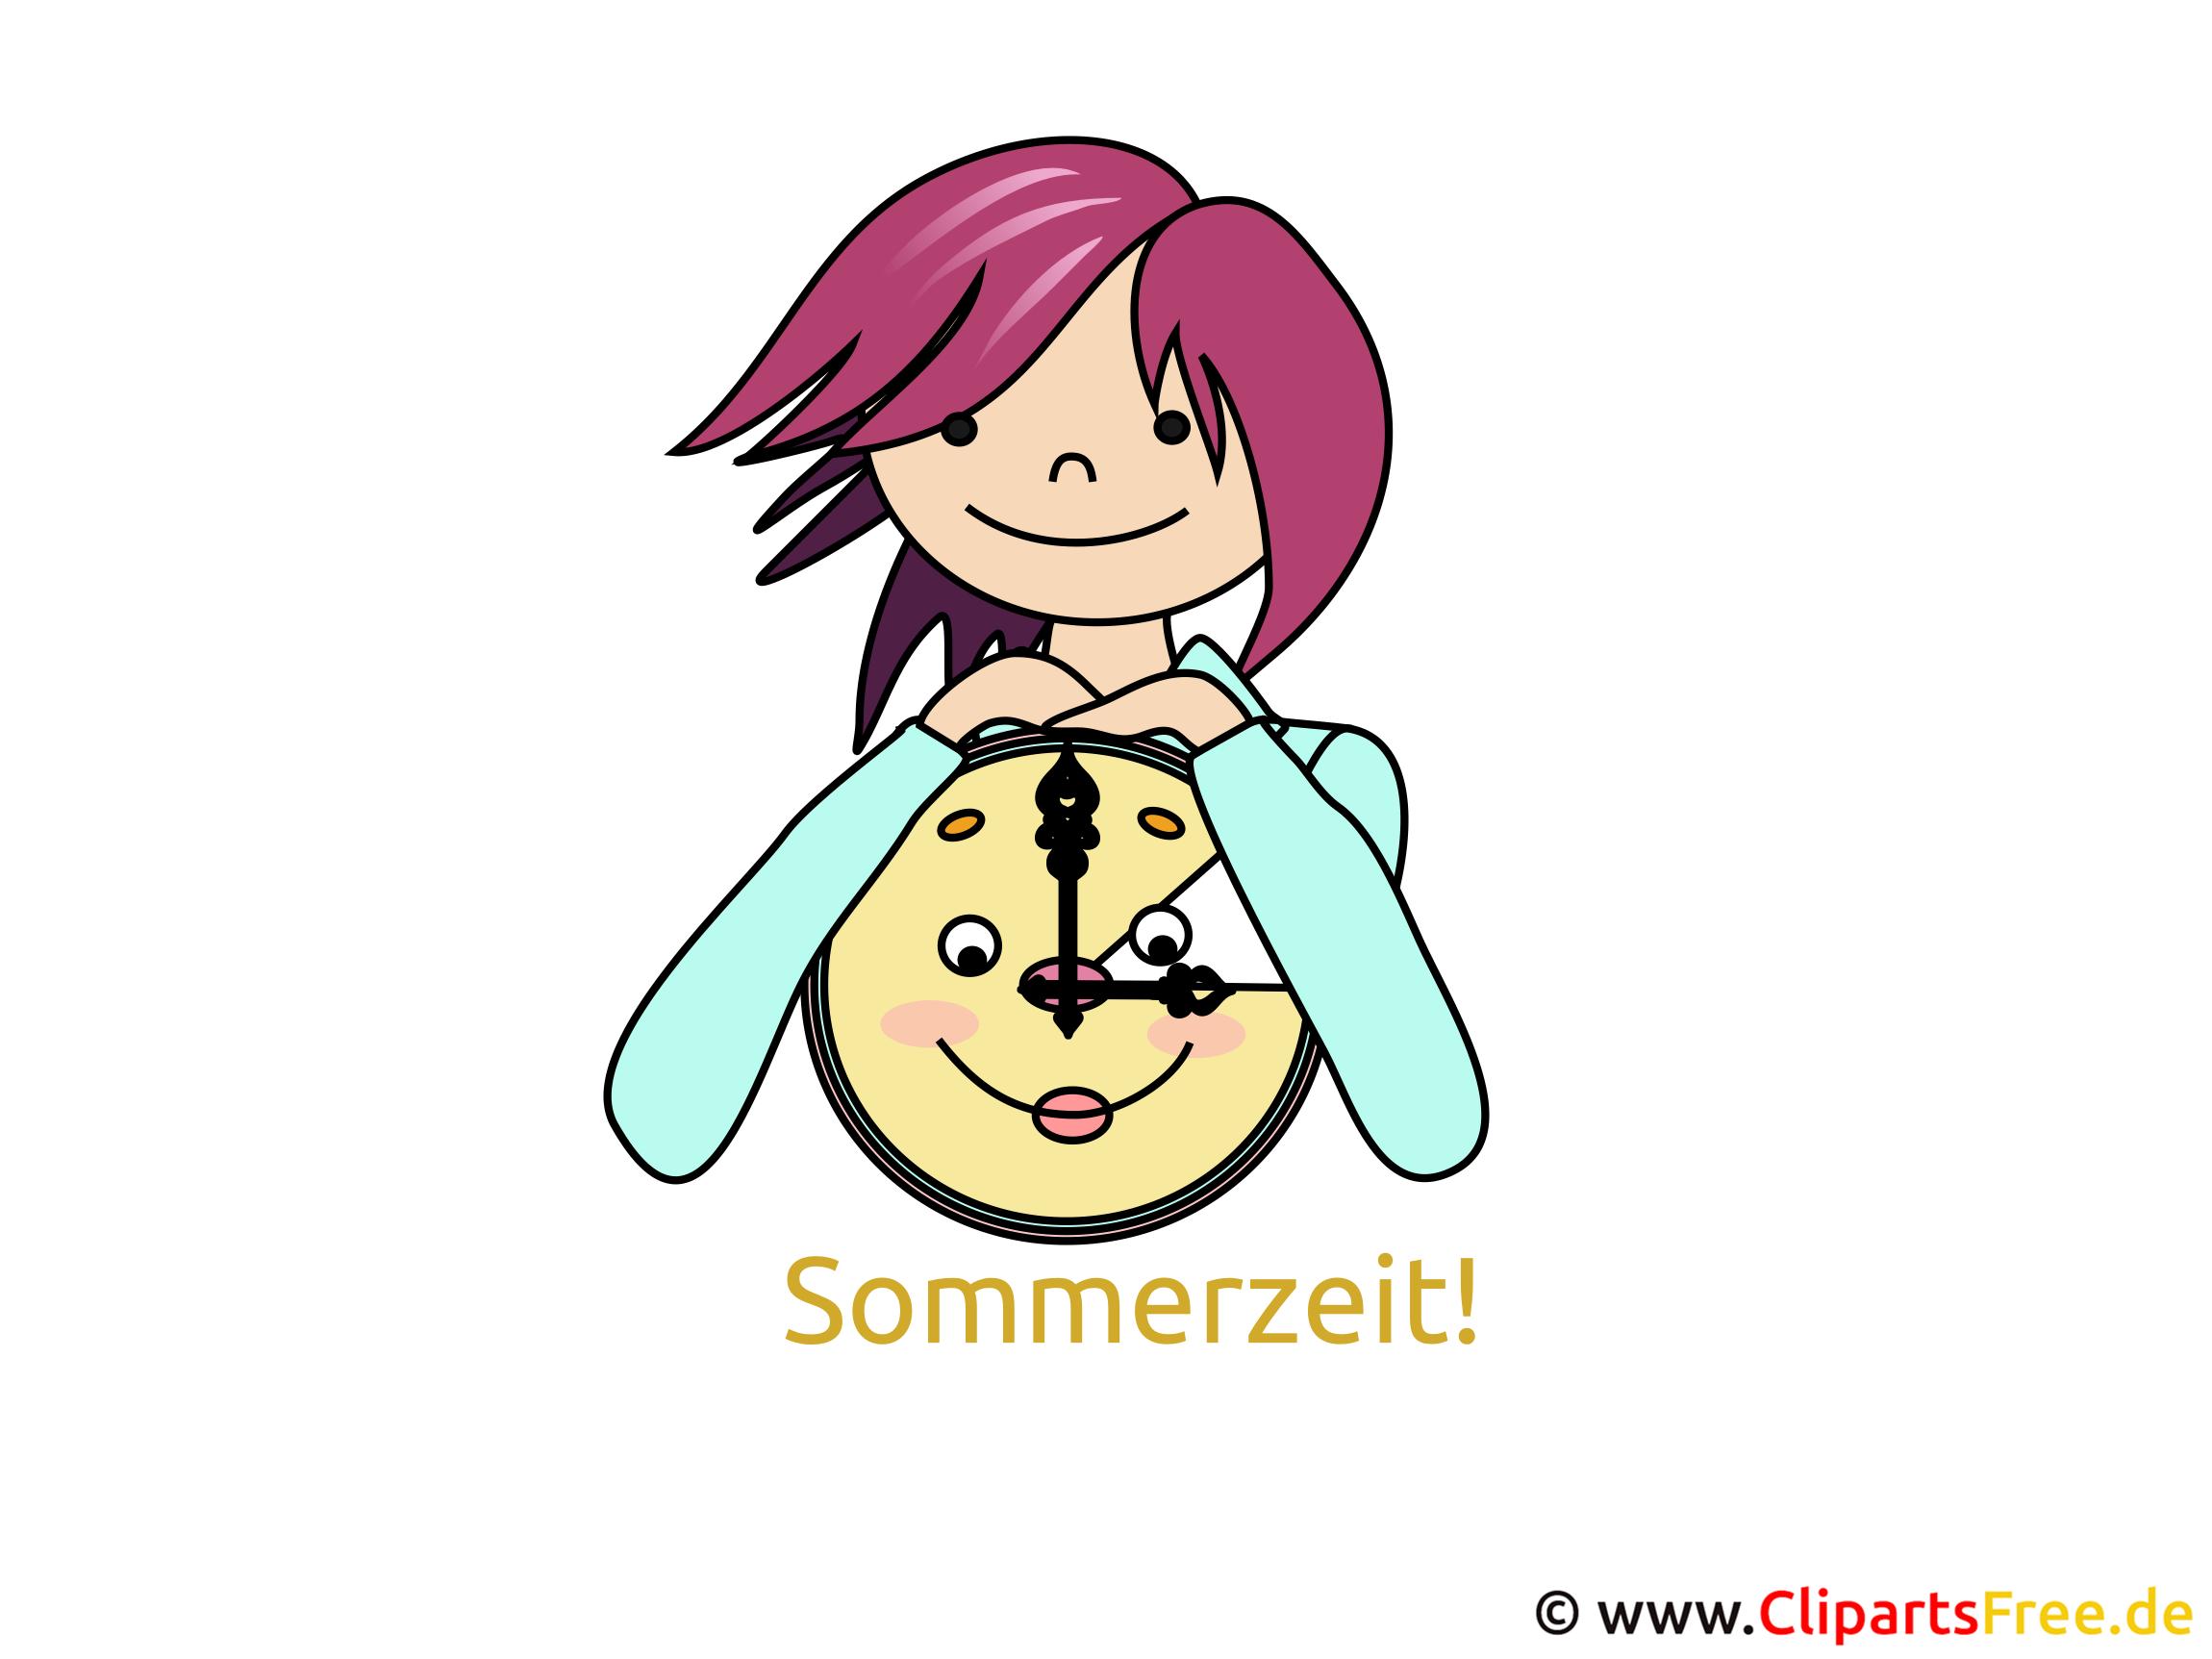 Uhr Sommerzeit - Bilder für Gästebuch, Clipart